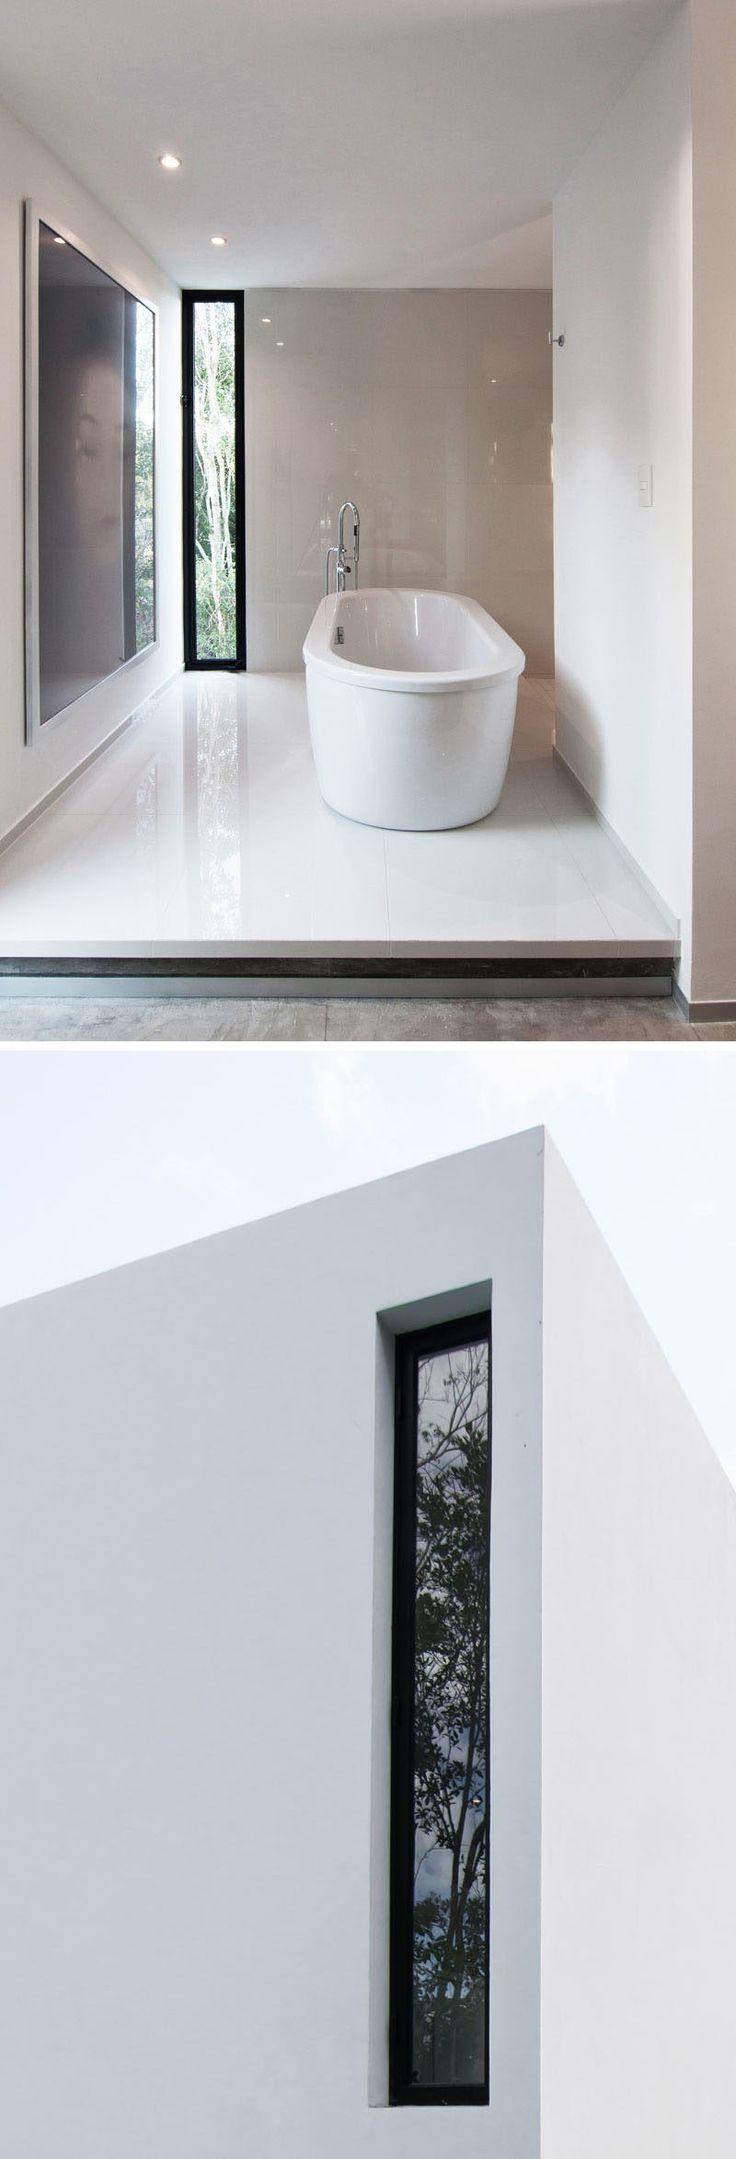 die besten 17 ideen zu schmales badezimmer auf pinterest | langes, Hause ideen